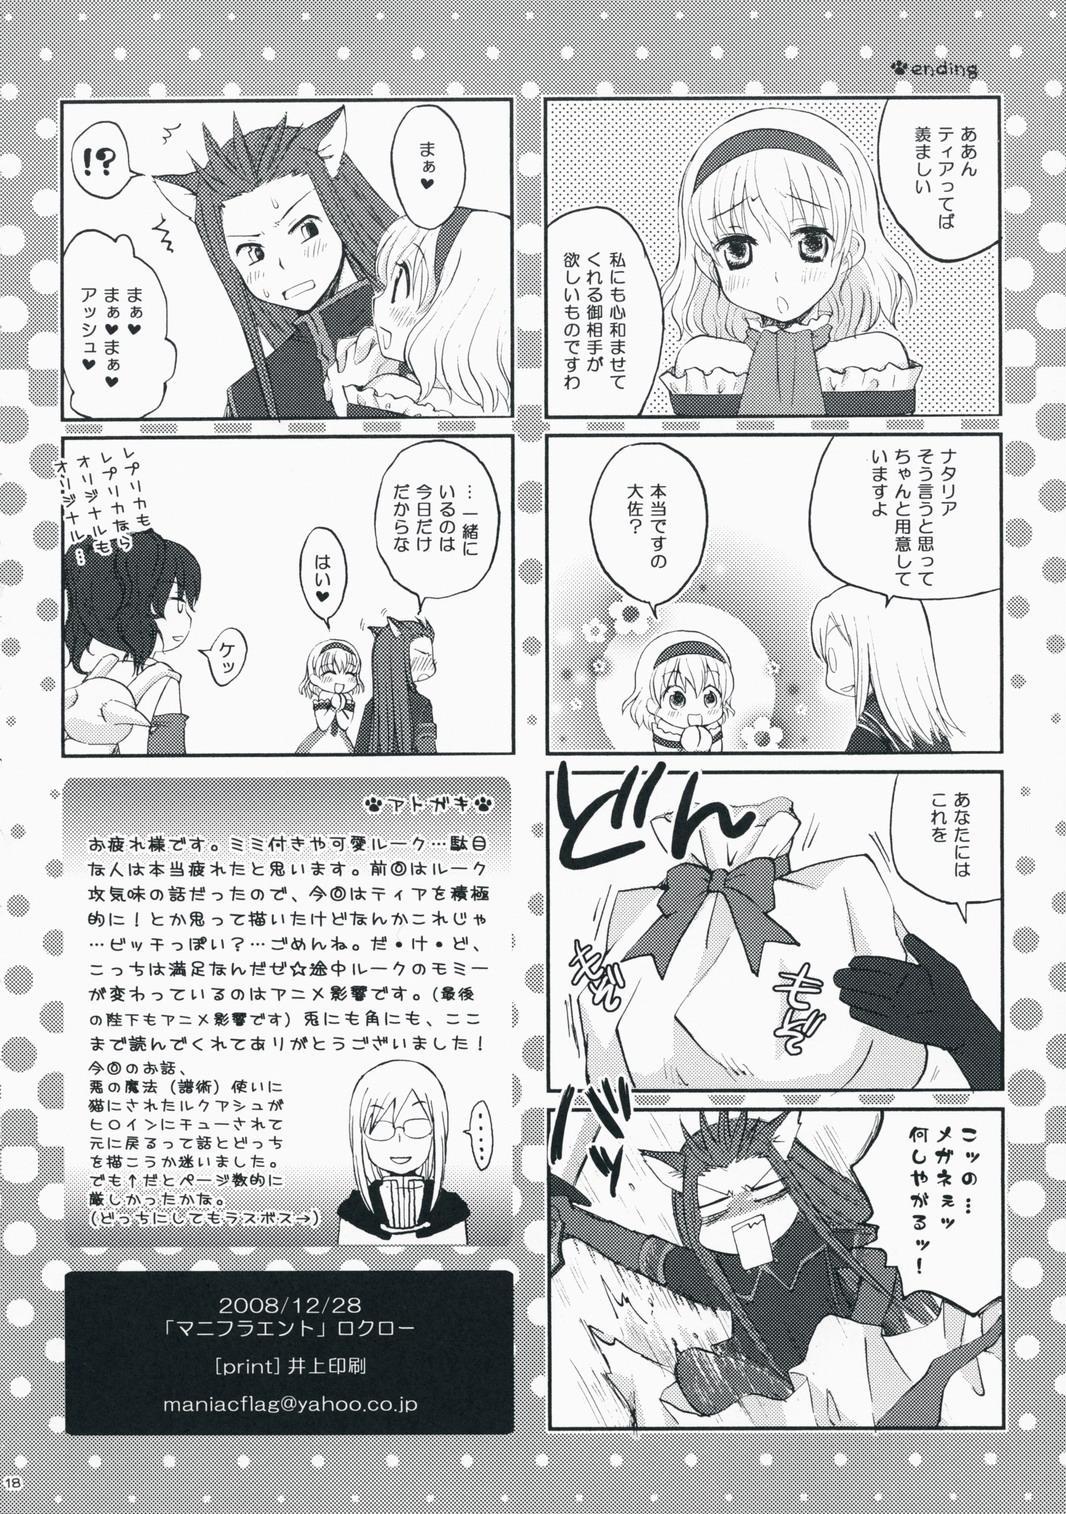 Kawaii Kotoha Yoikoto Dato Omoi Masu 16